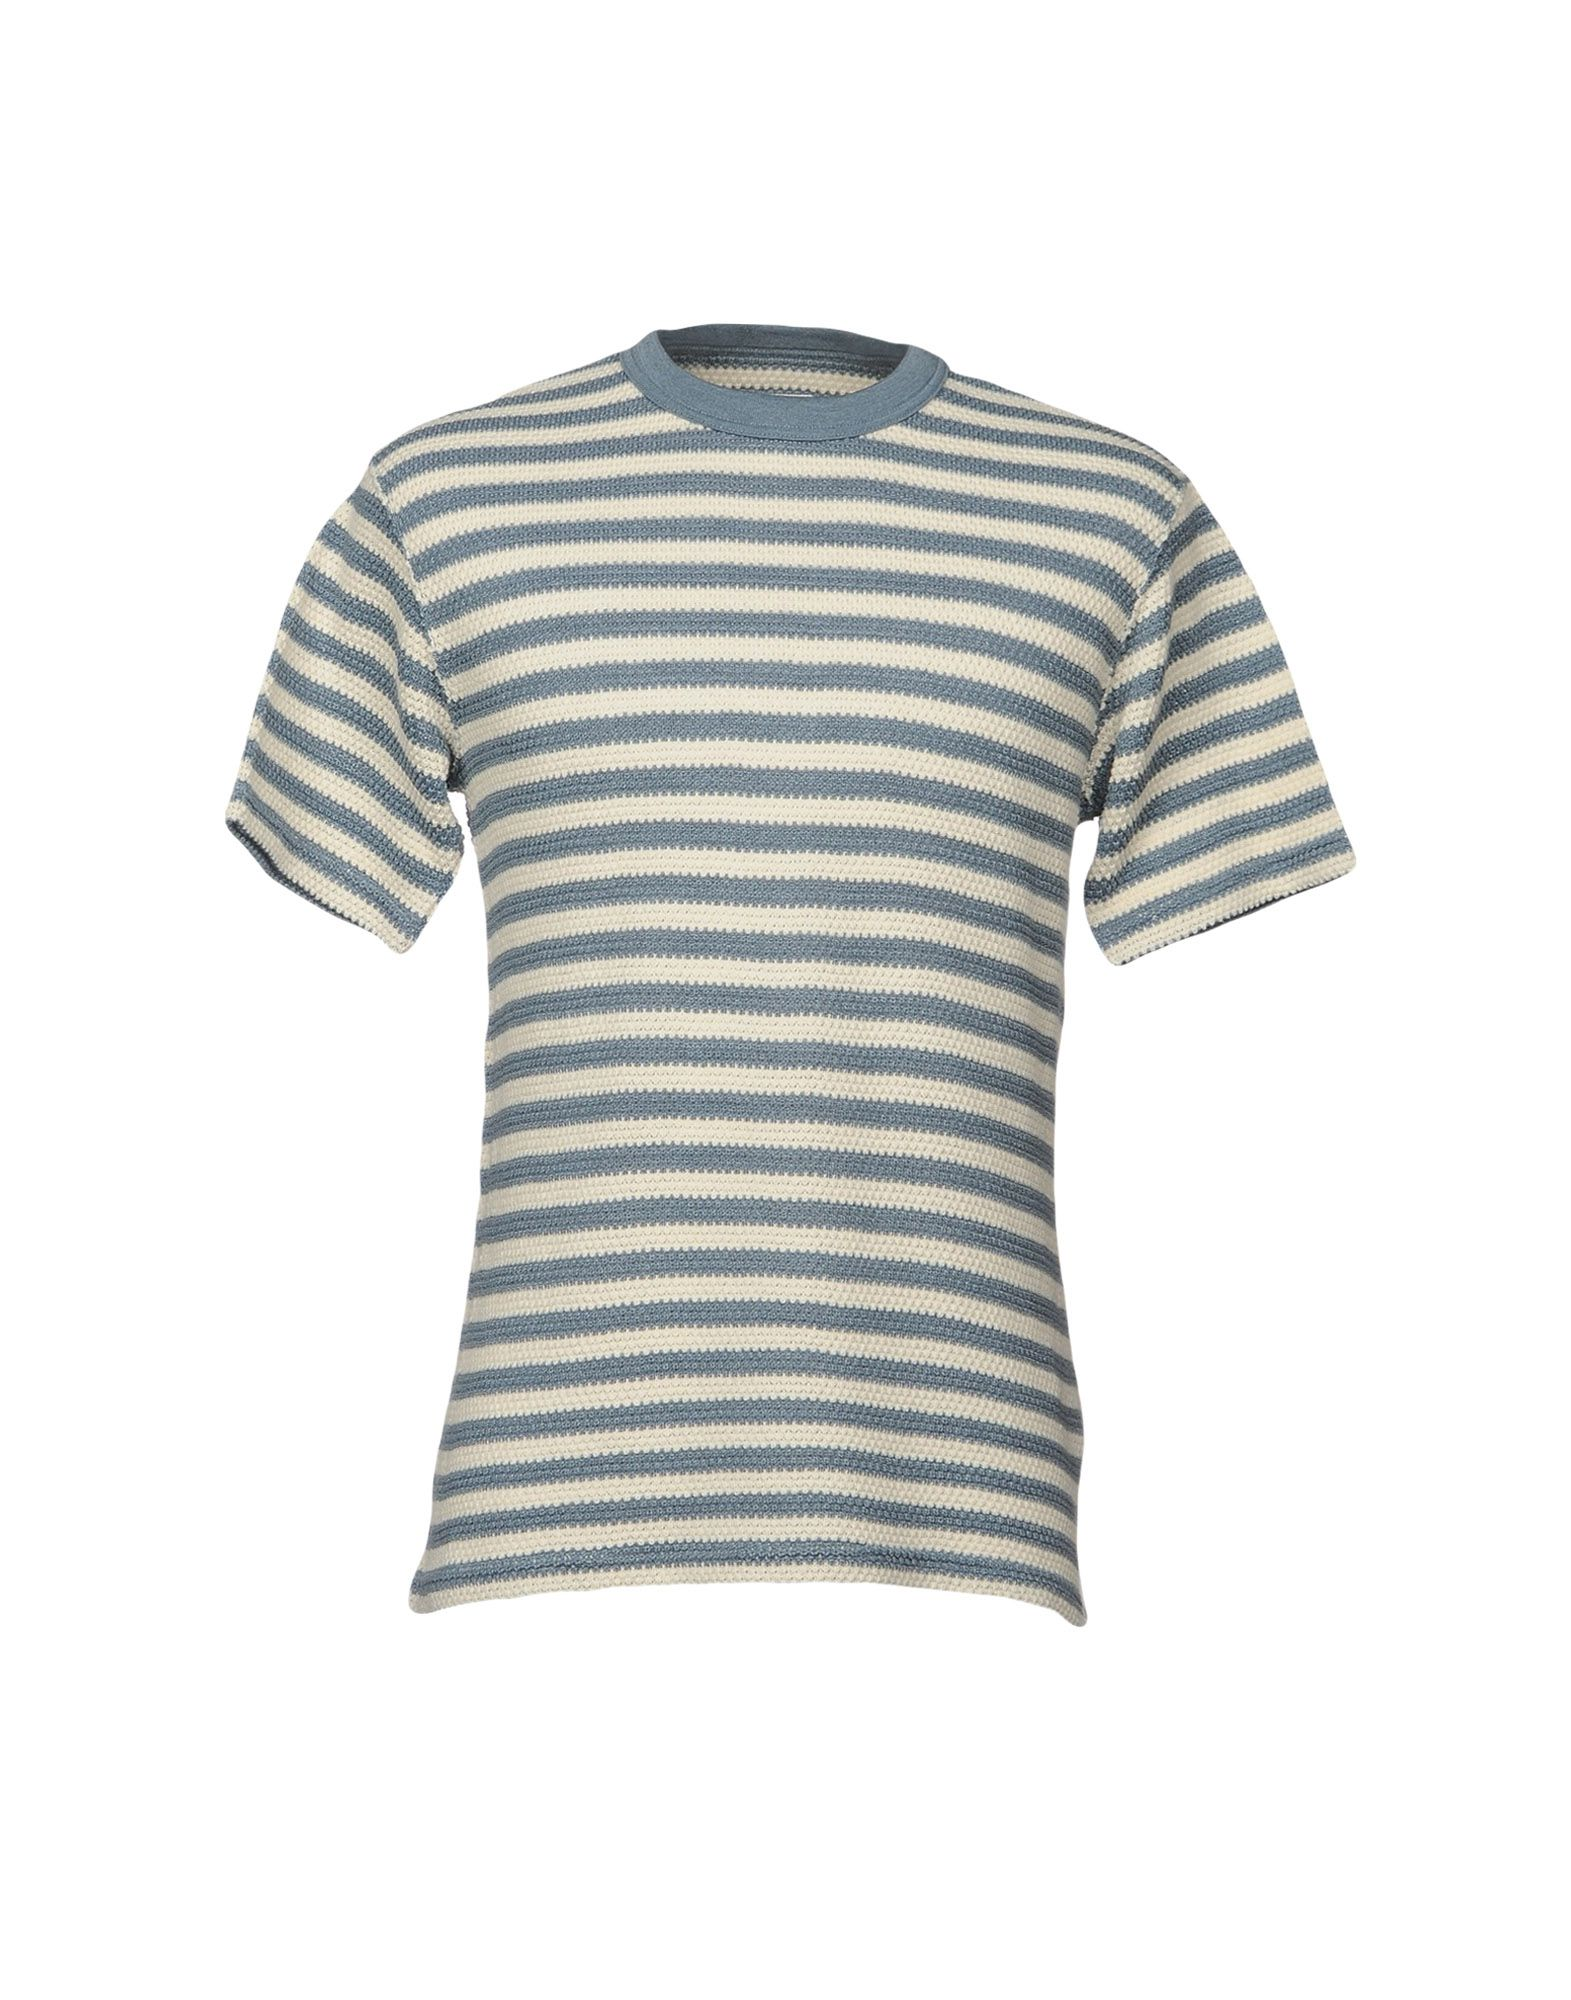 Pullover Ts(S) Uomo - Acquista online su